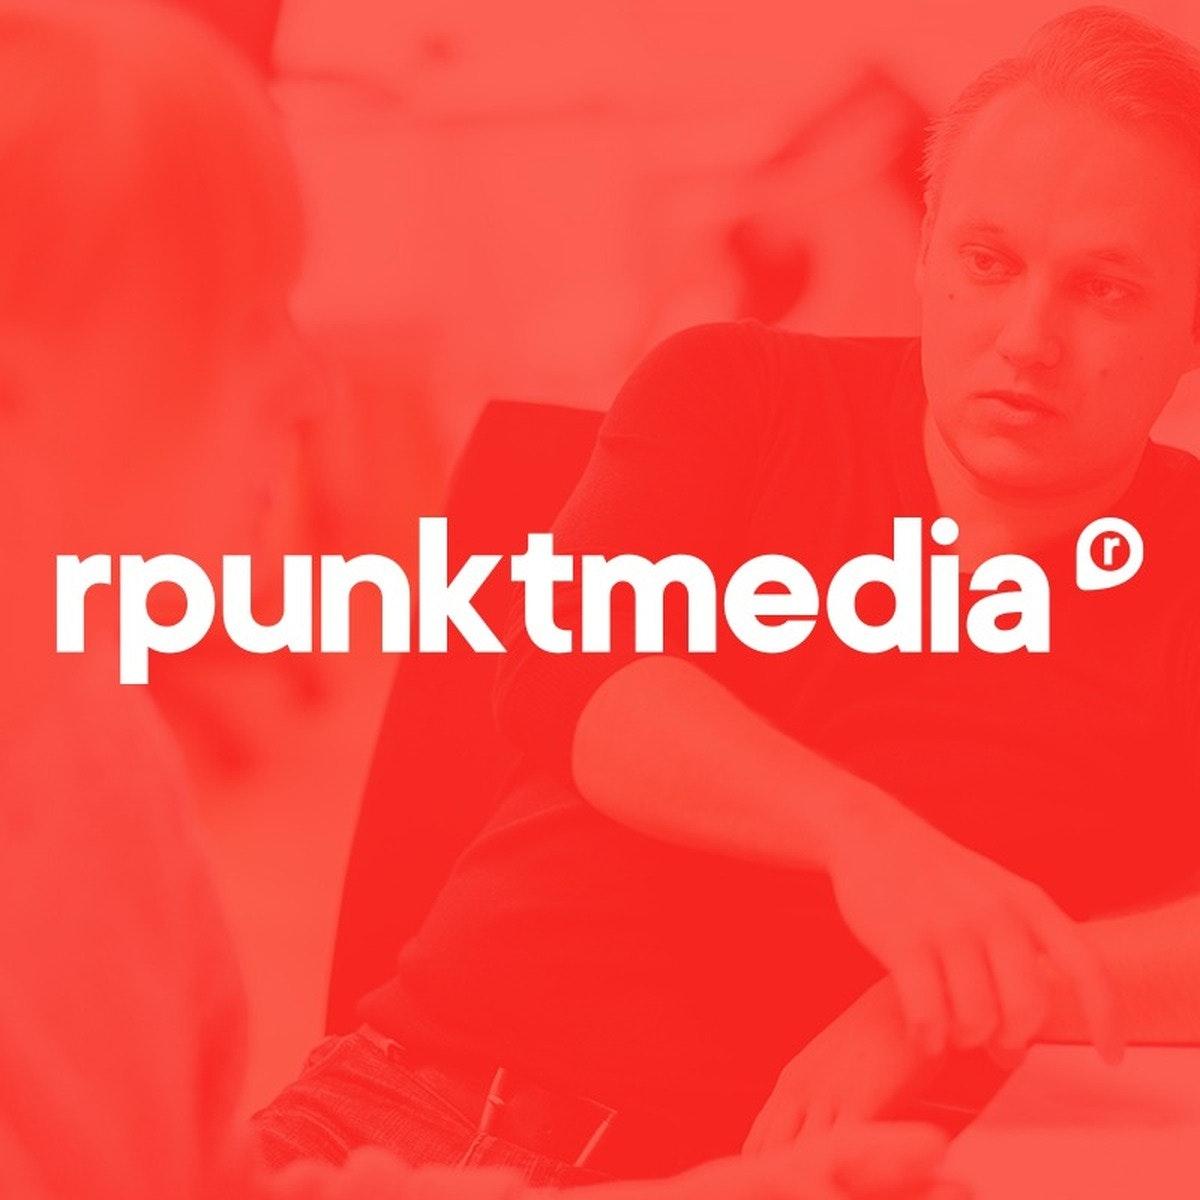 rpunktmedia GmbH